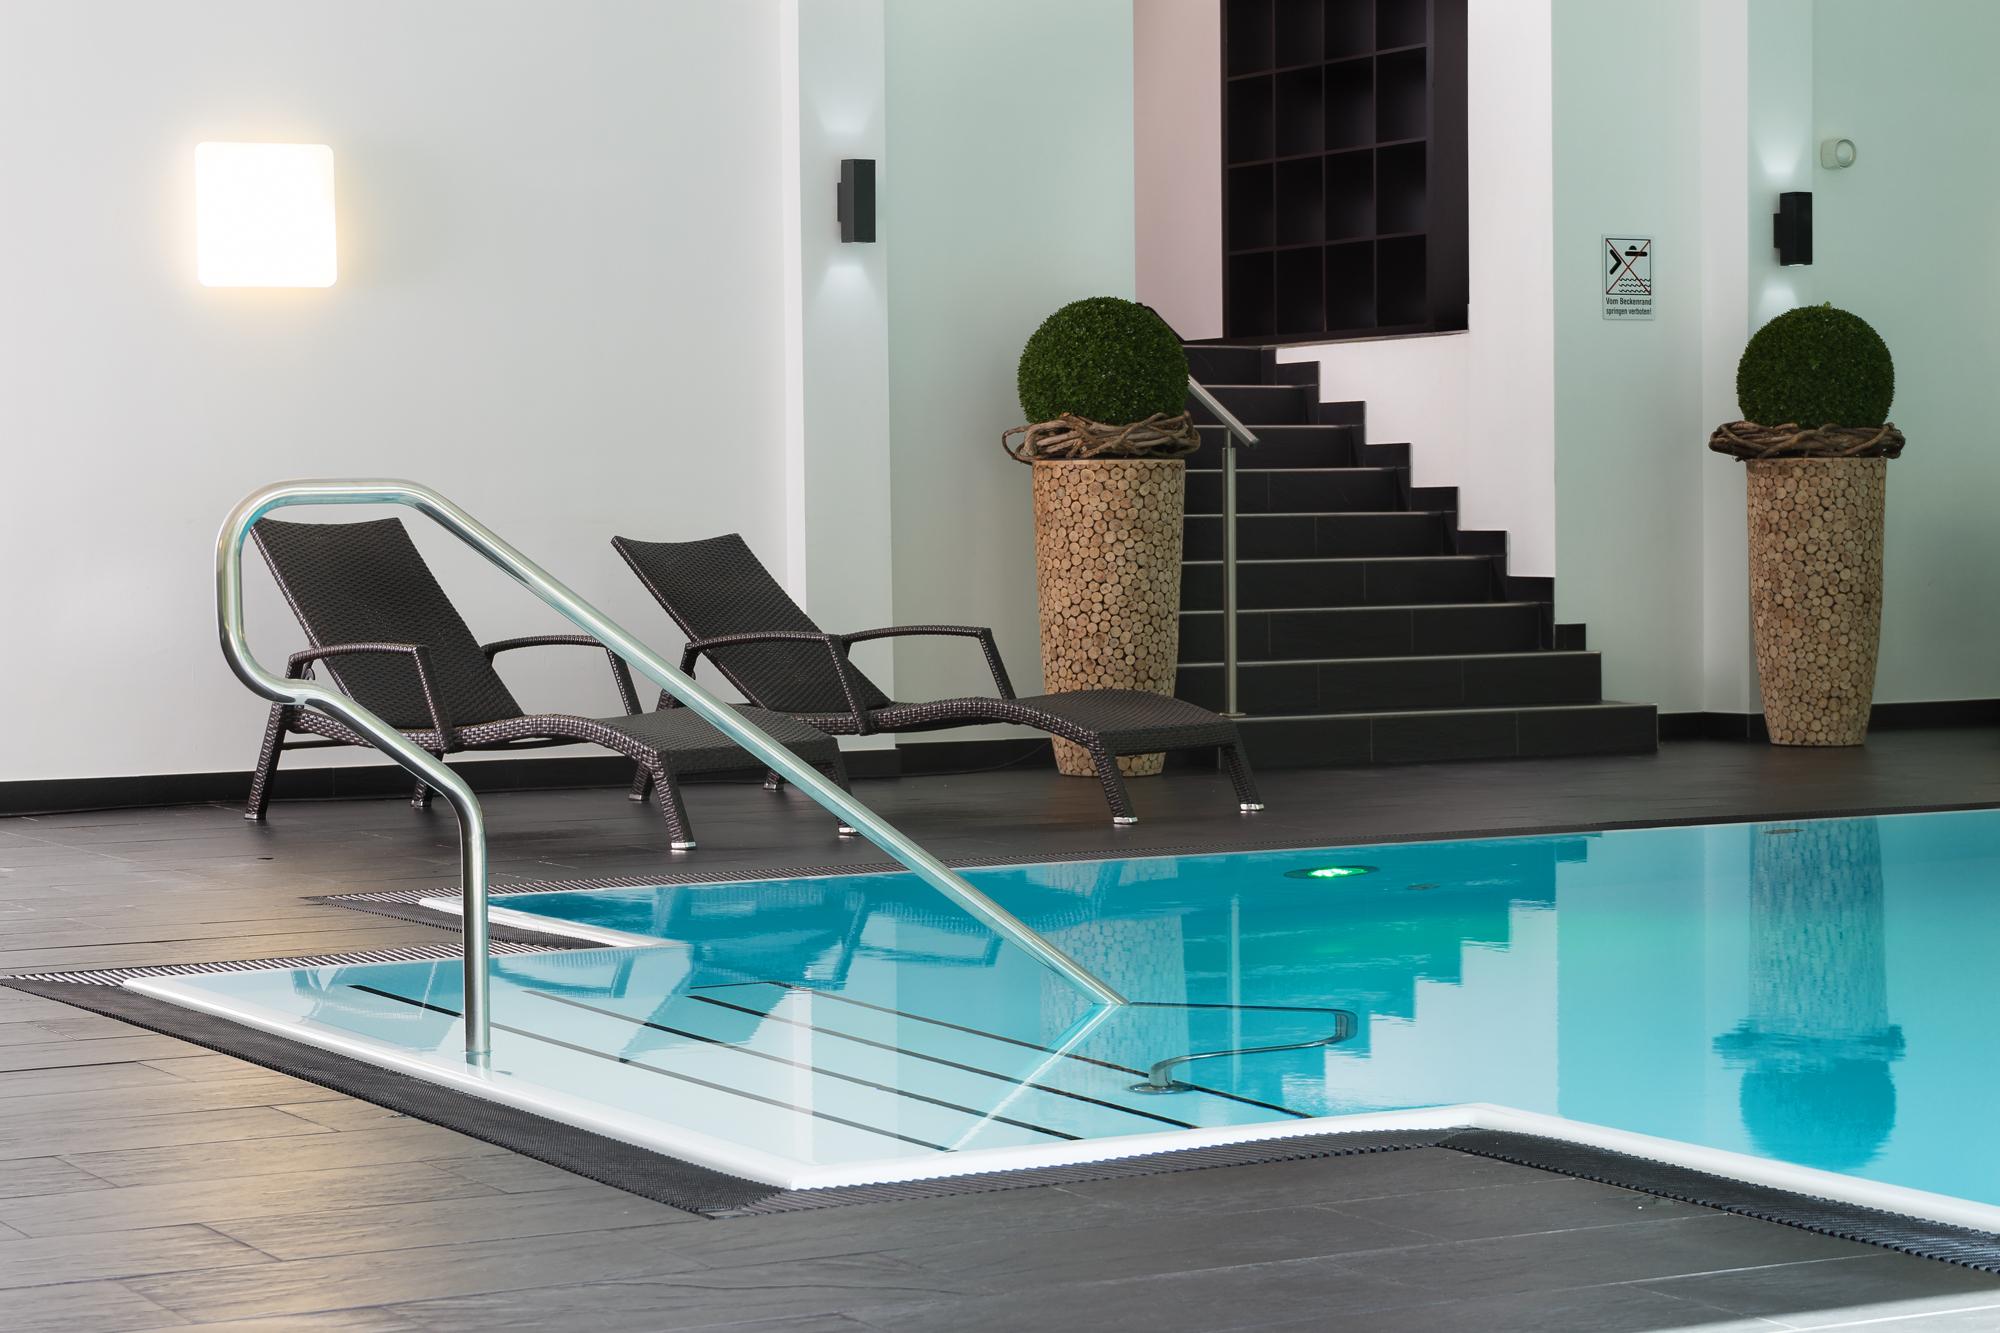 Die Treppe demzufolge im puristischem reduziertem Design